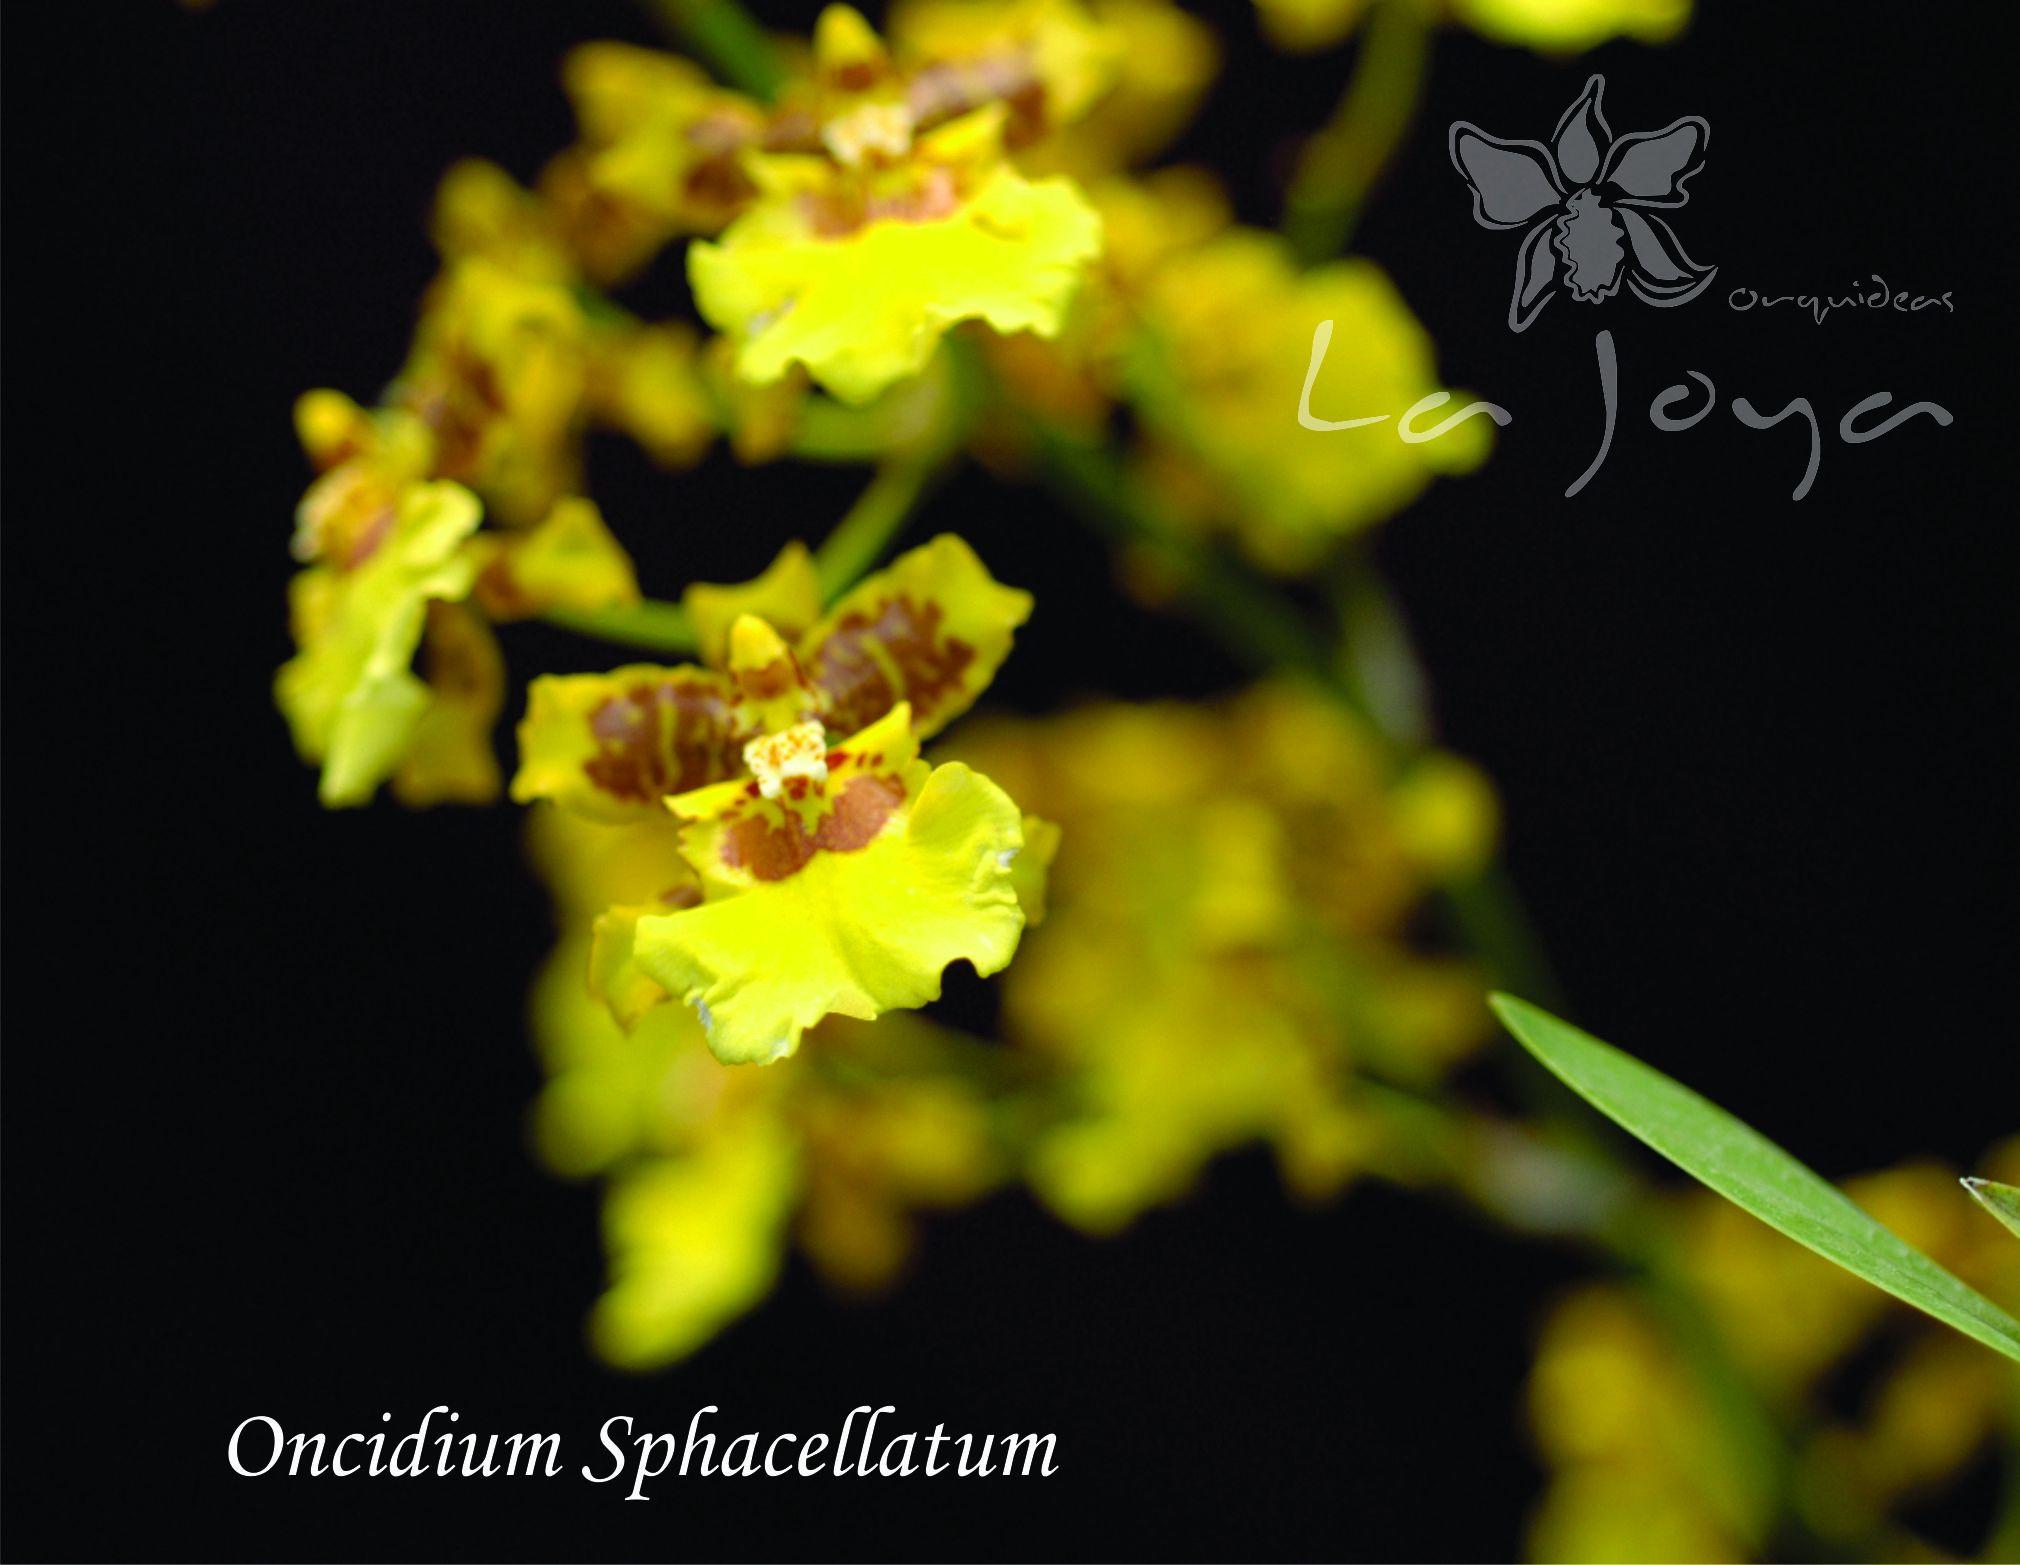 Oncidium Sphacellatum